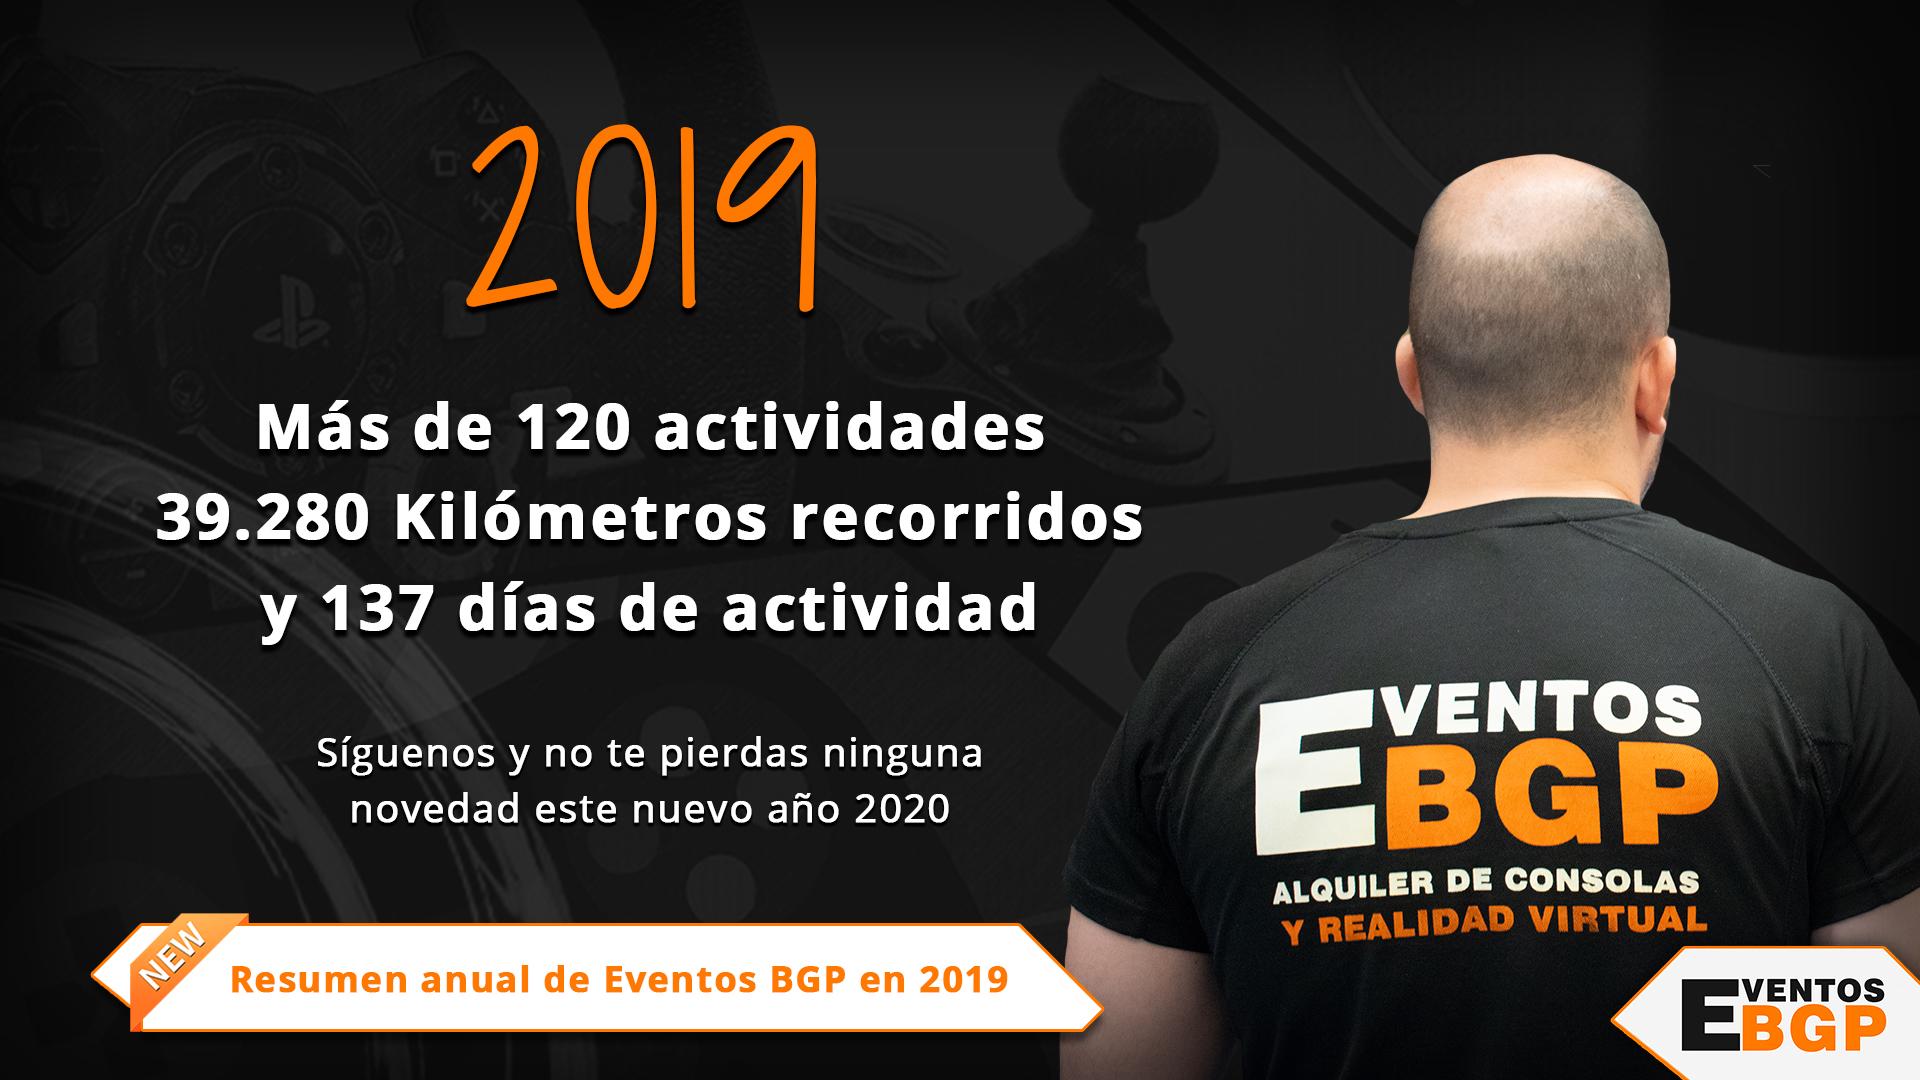 Resumen anual de Eventos BGP en 2019